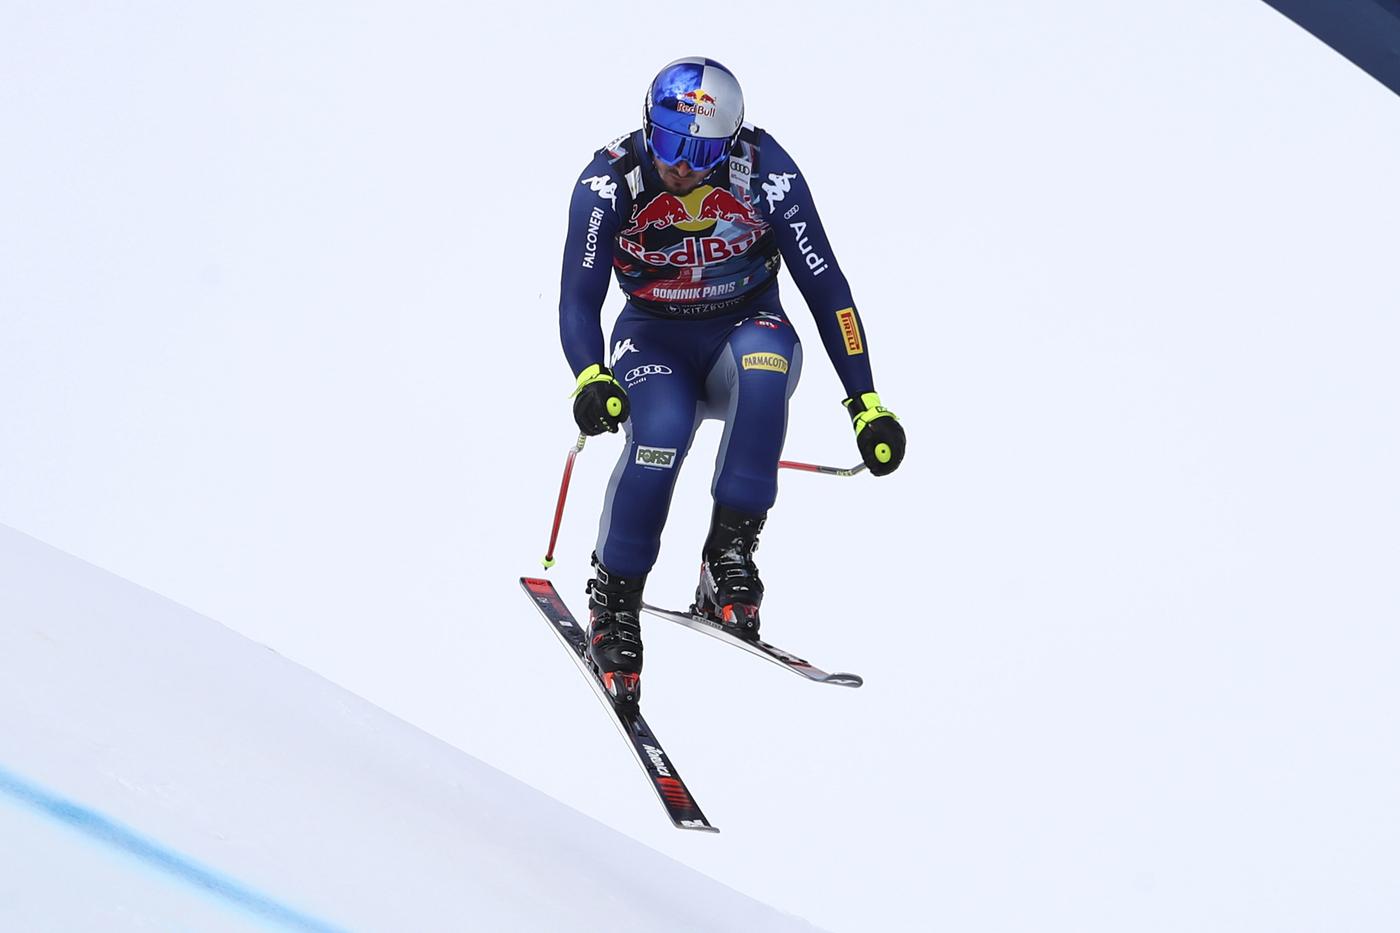 LIVE Sci Alpino, Discesa Streif in DIRETTA: il meteo darà tregua? Dominik Paris sfida Feuz